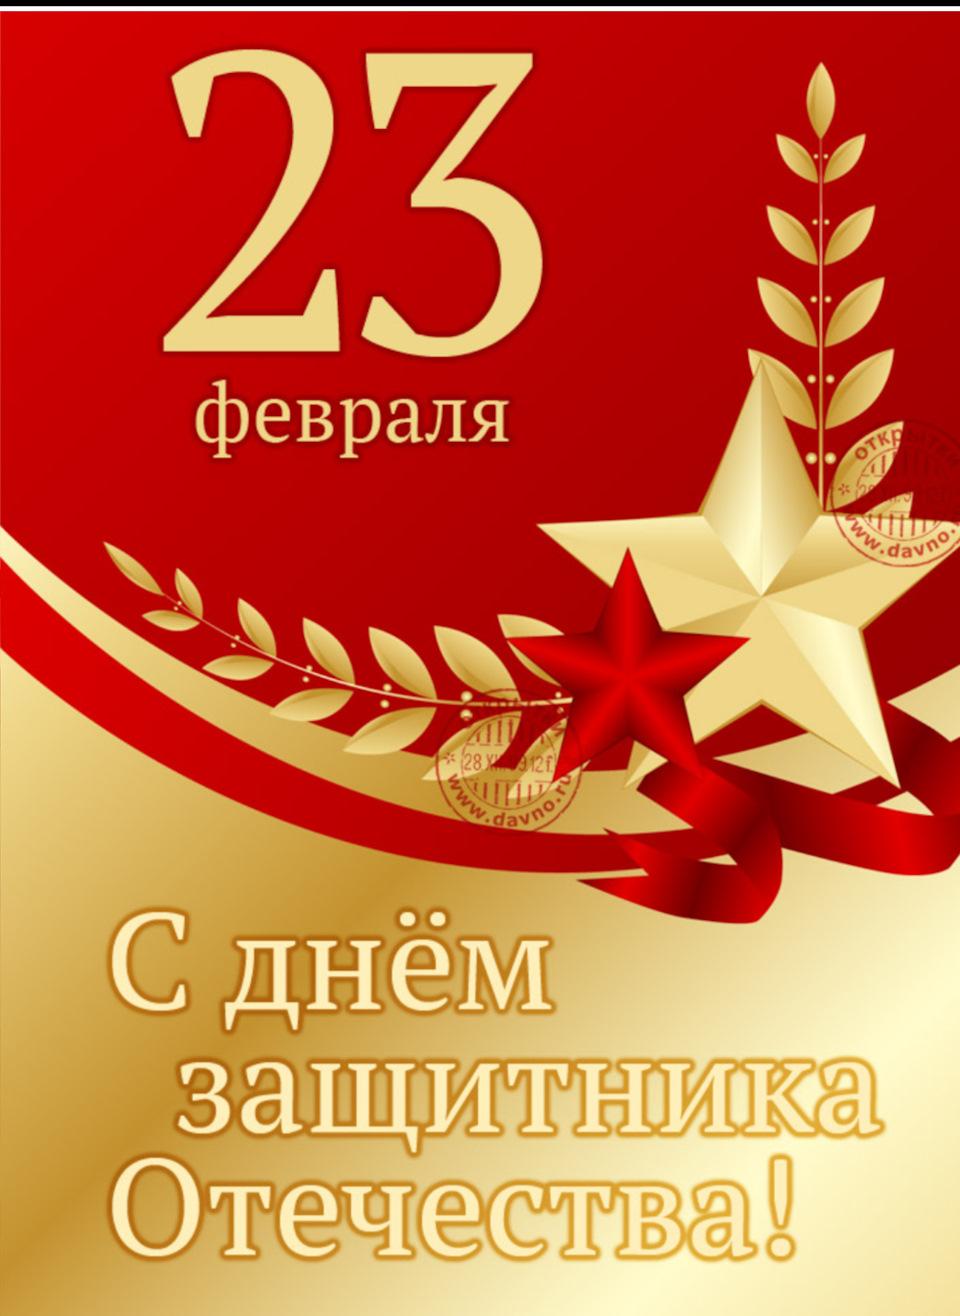 Название для открытки к 23 февраля, днем безопасности прикольные